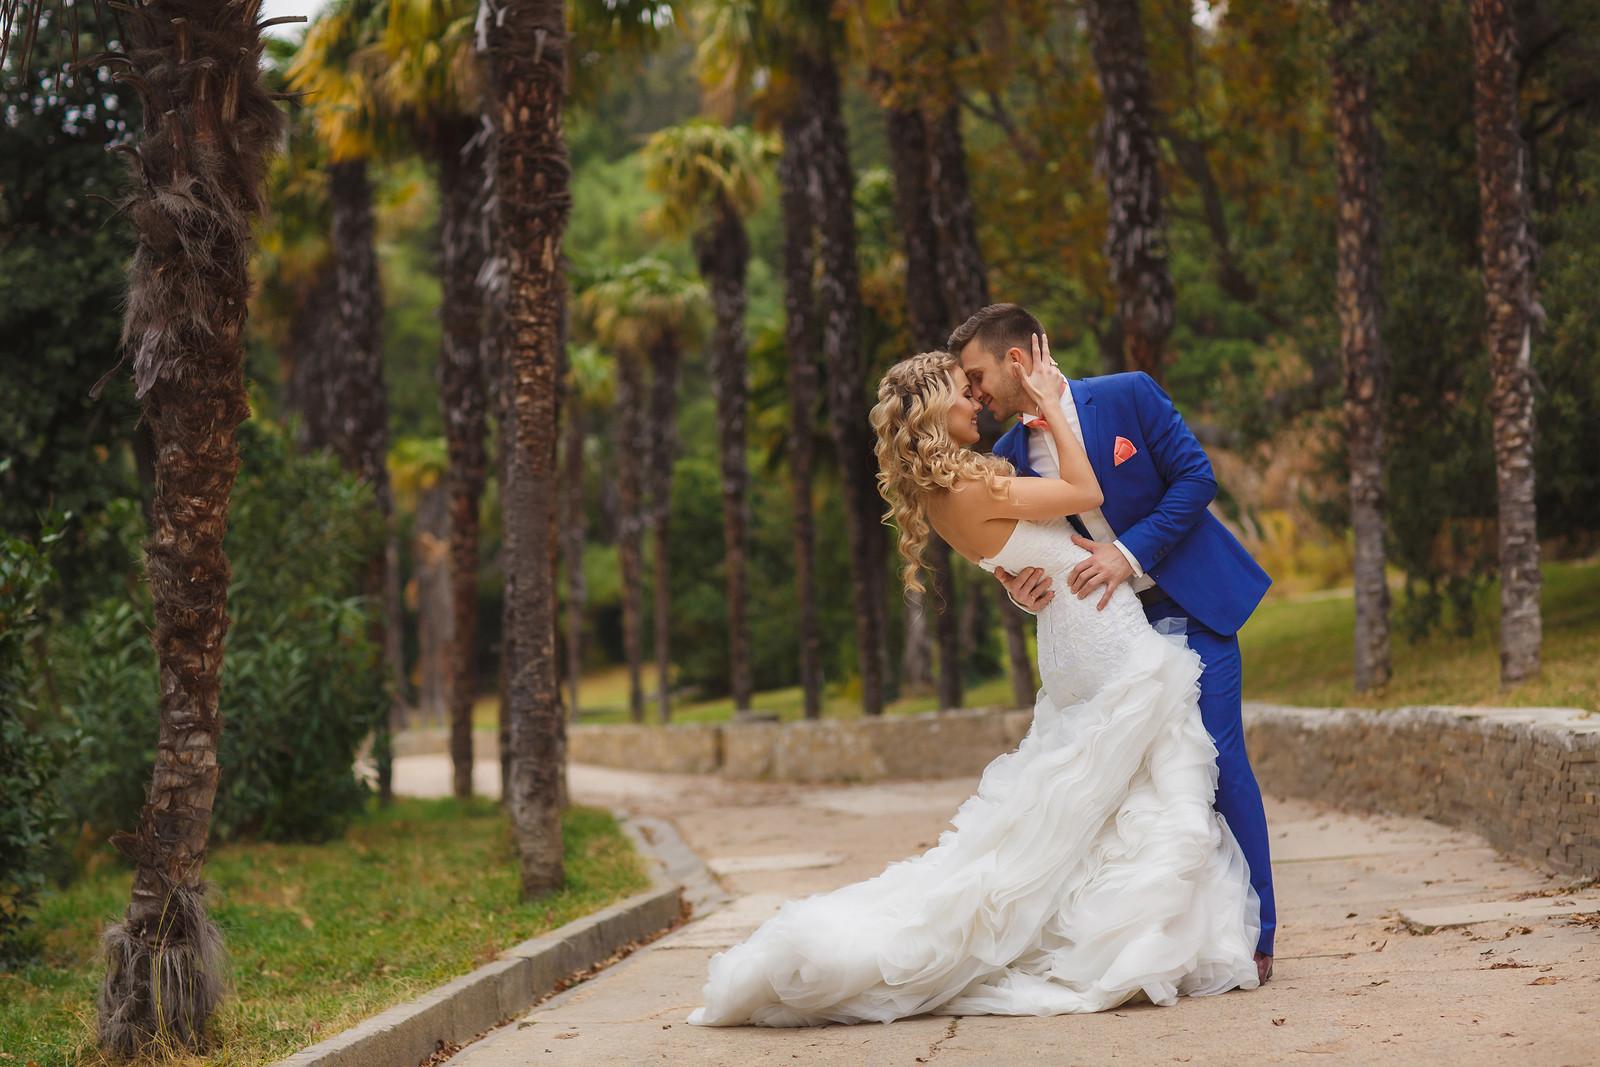 bigstock-Beautiful-wedding-couple-happ-1